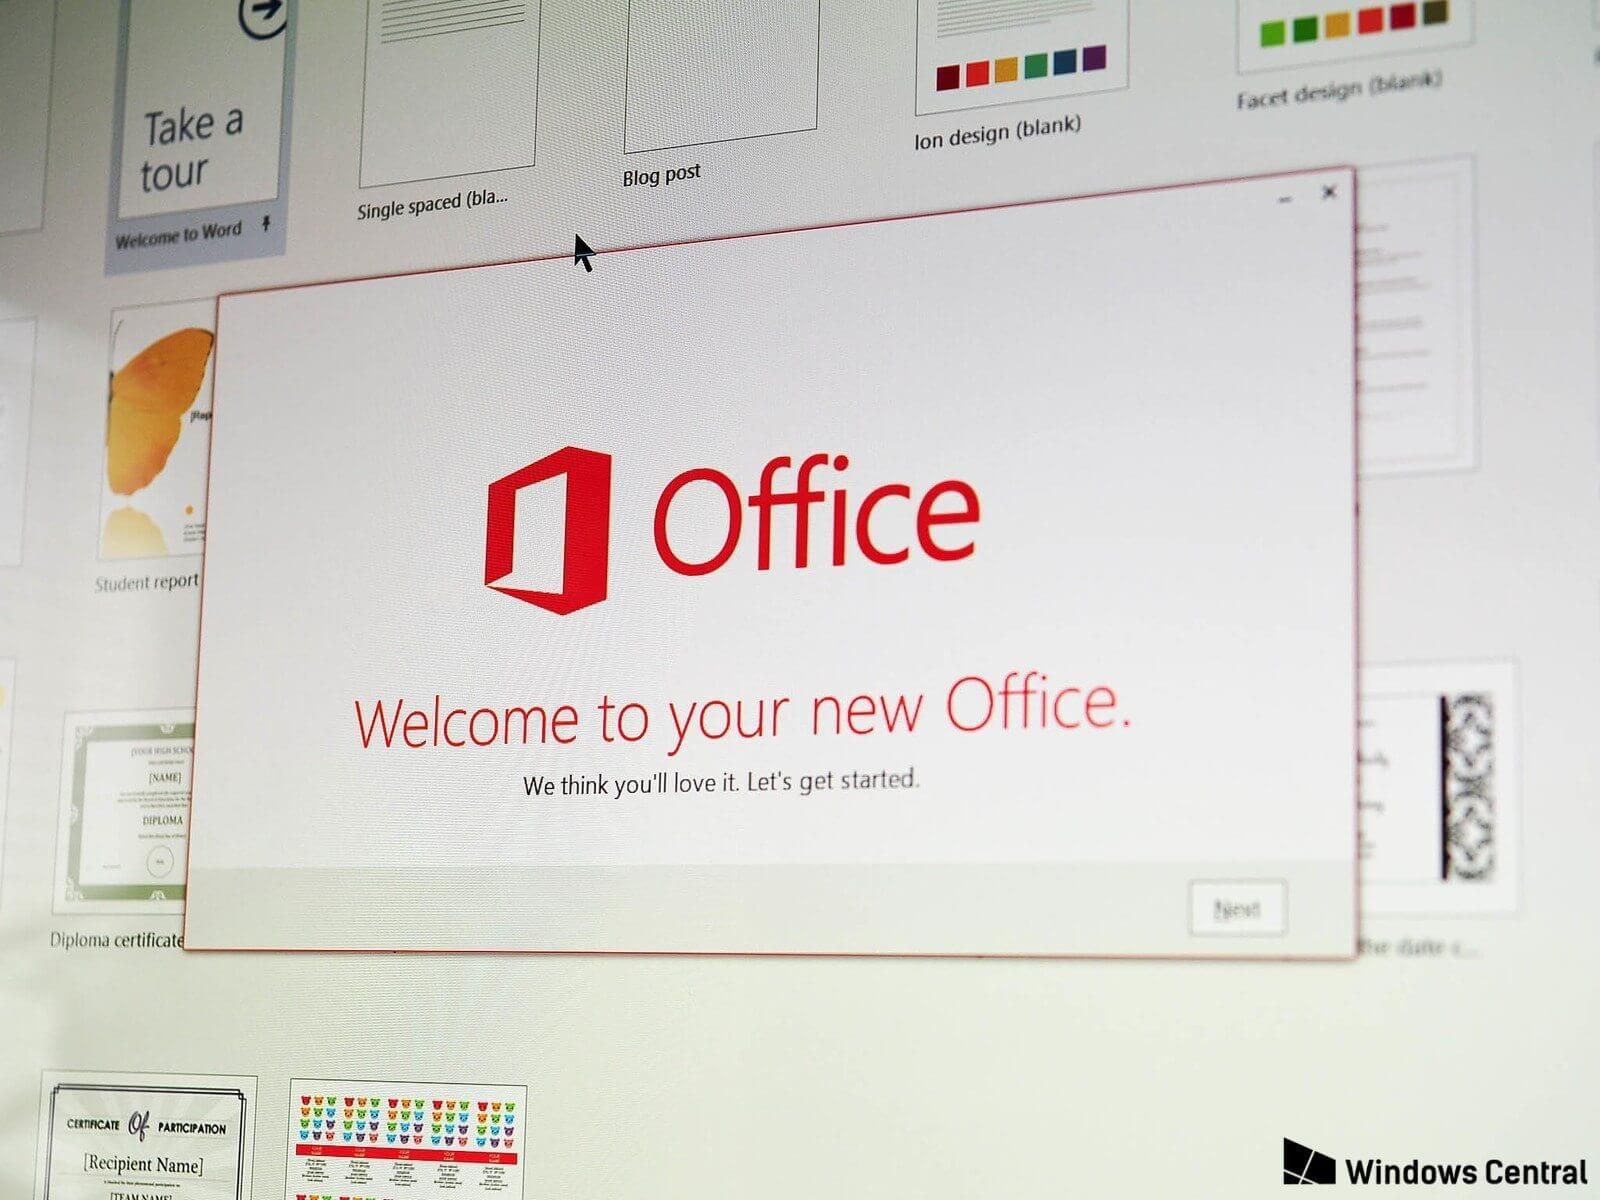 Novo office 2019 - Microsoft anuncia lançamento do novo Office 2019 para 2018